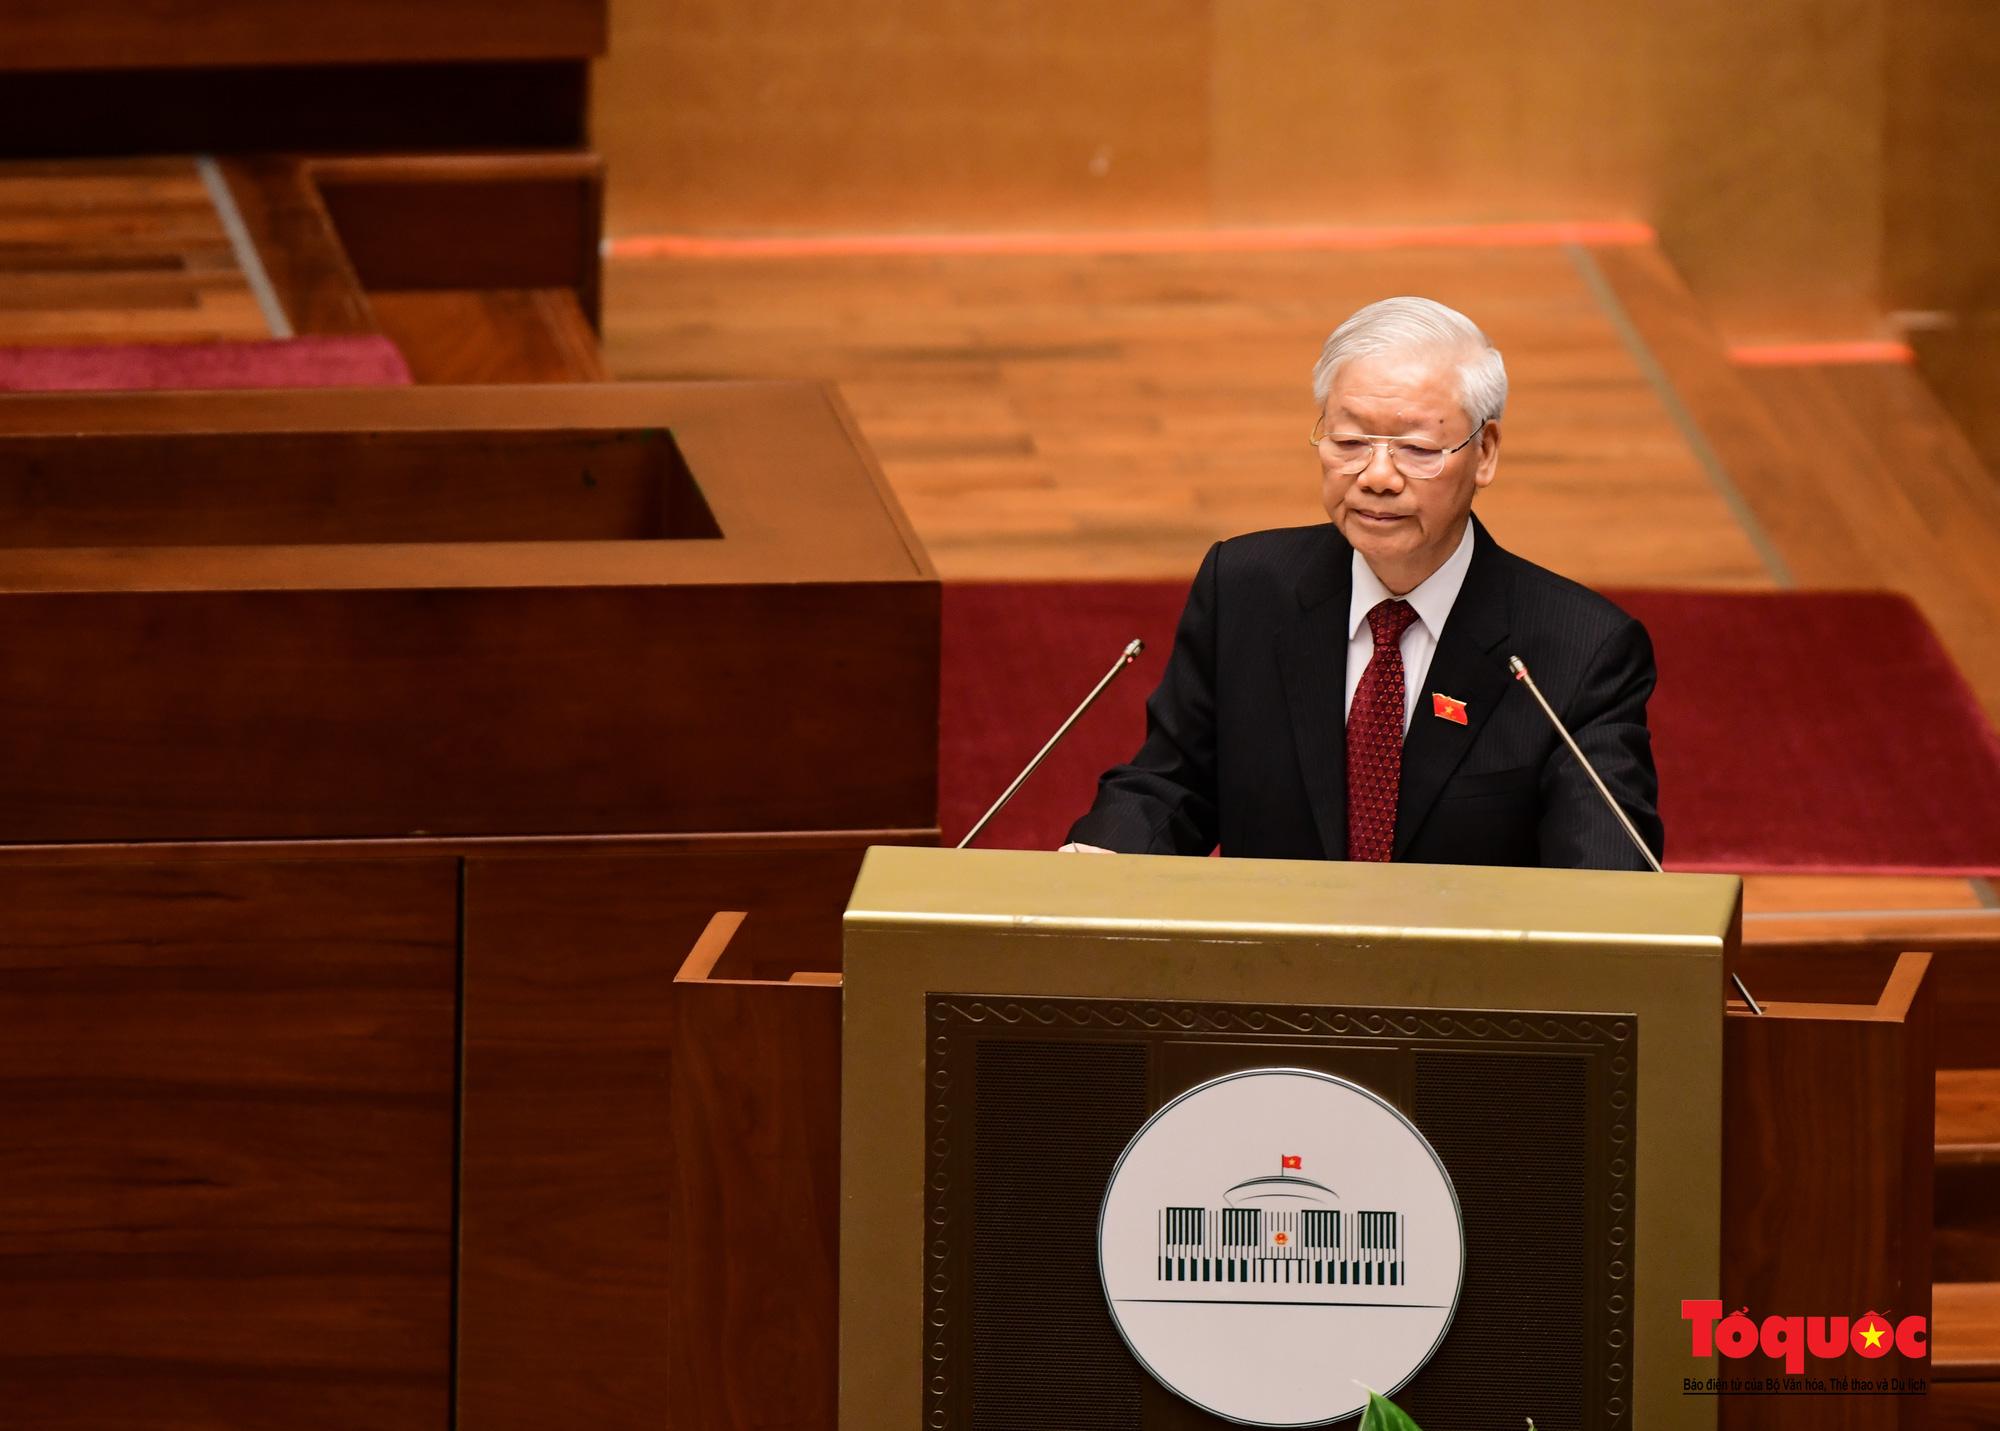 Chùm ảnh: Khai mạc trọng thể Kỳ họp thứ nhất, Quốc hội khóa XV - Ảnh 6.